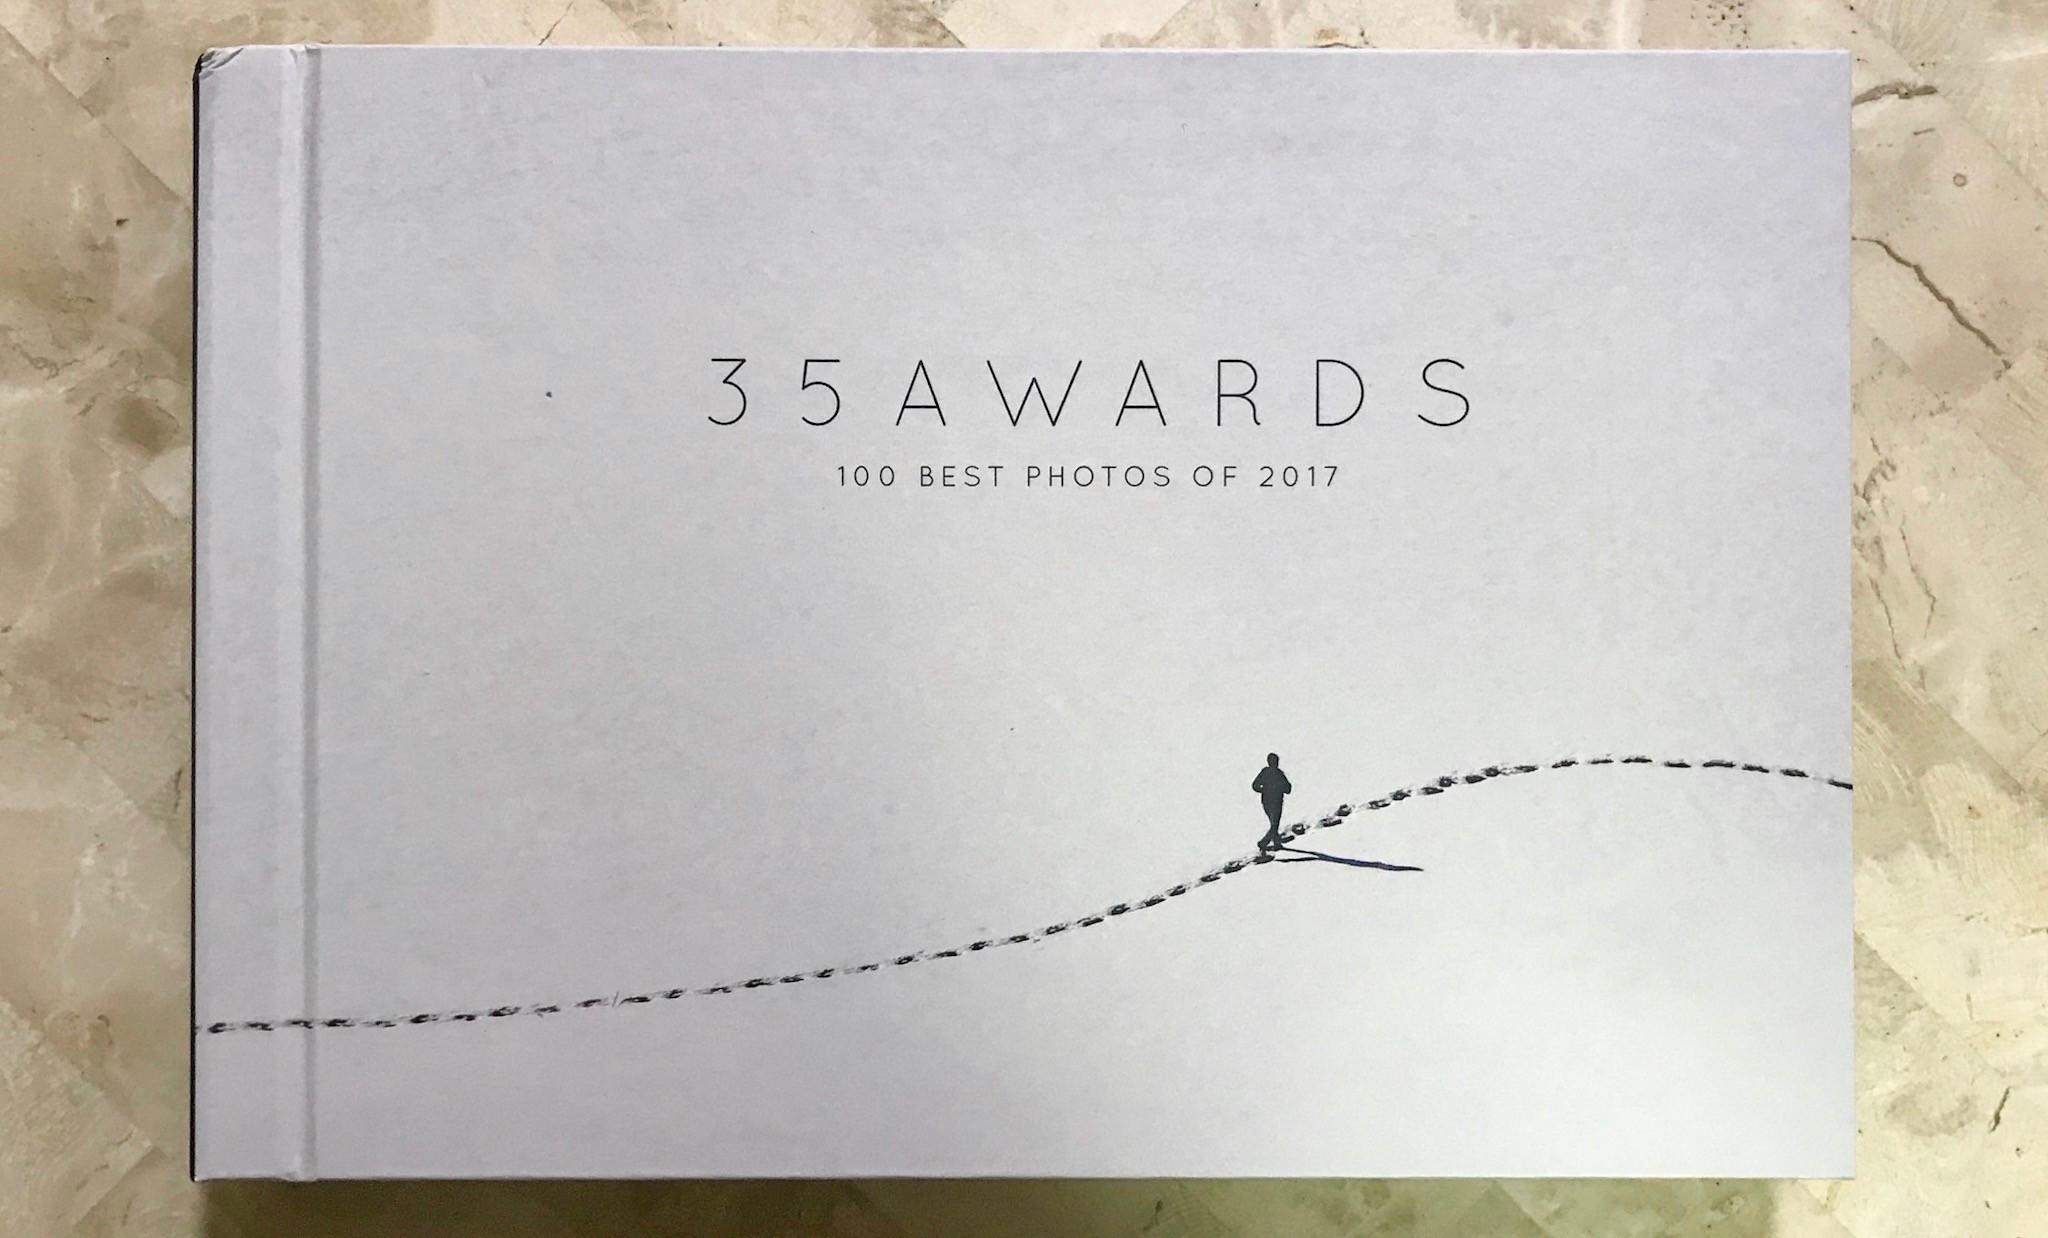 遠くロシアから35AWARDS受賞写真集が届きました